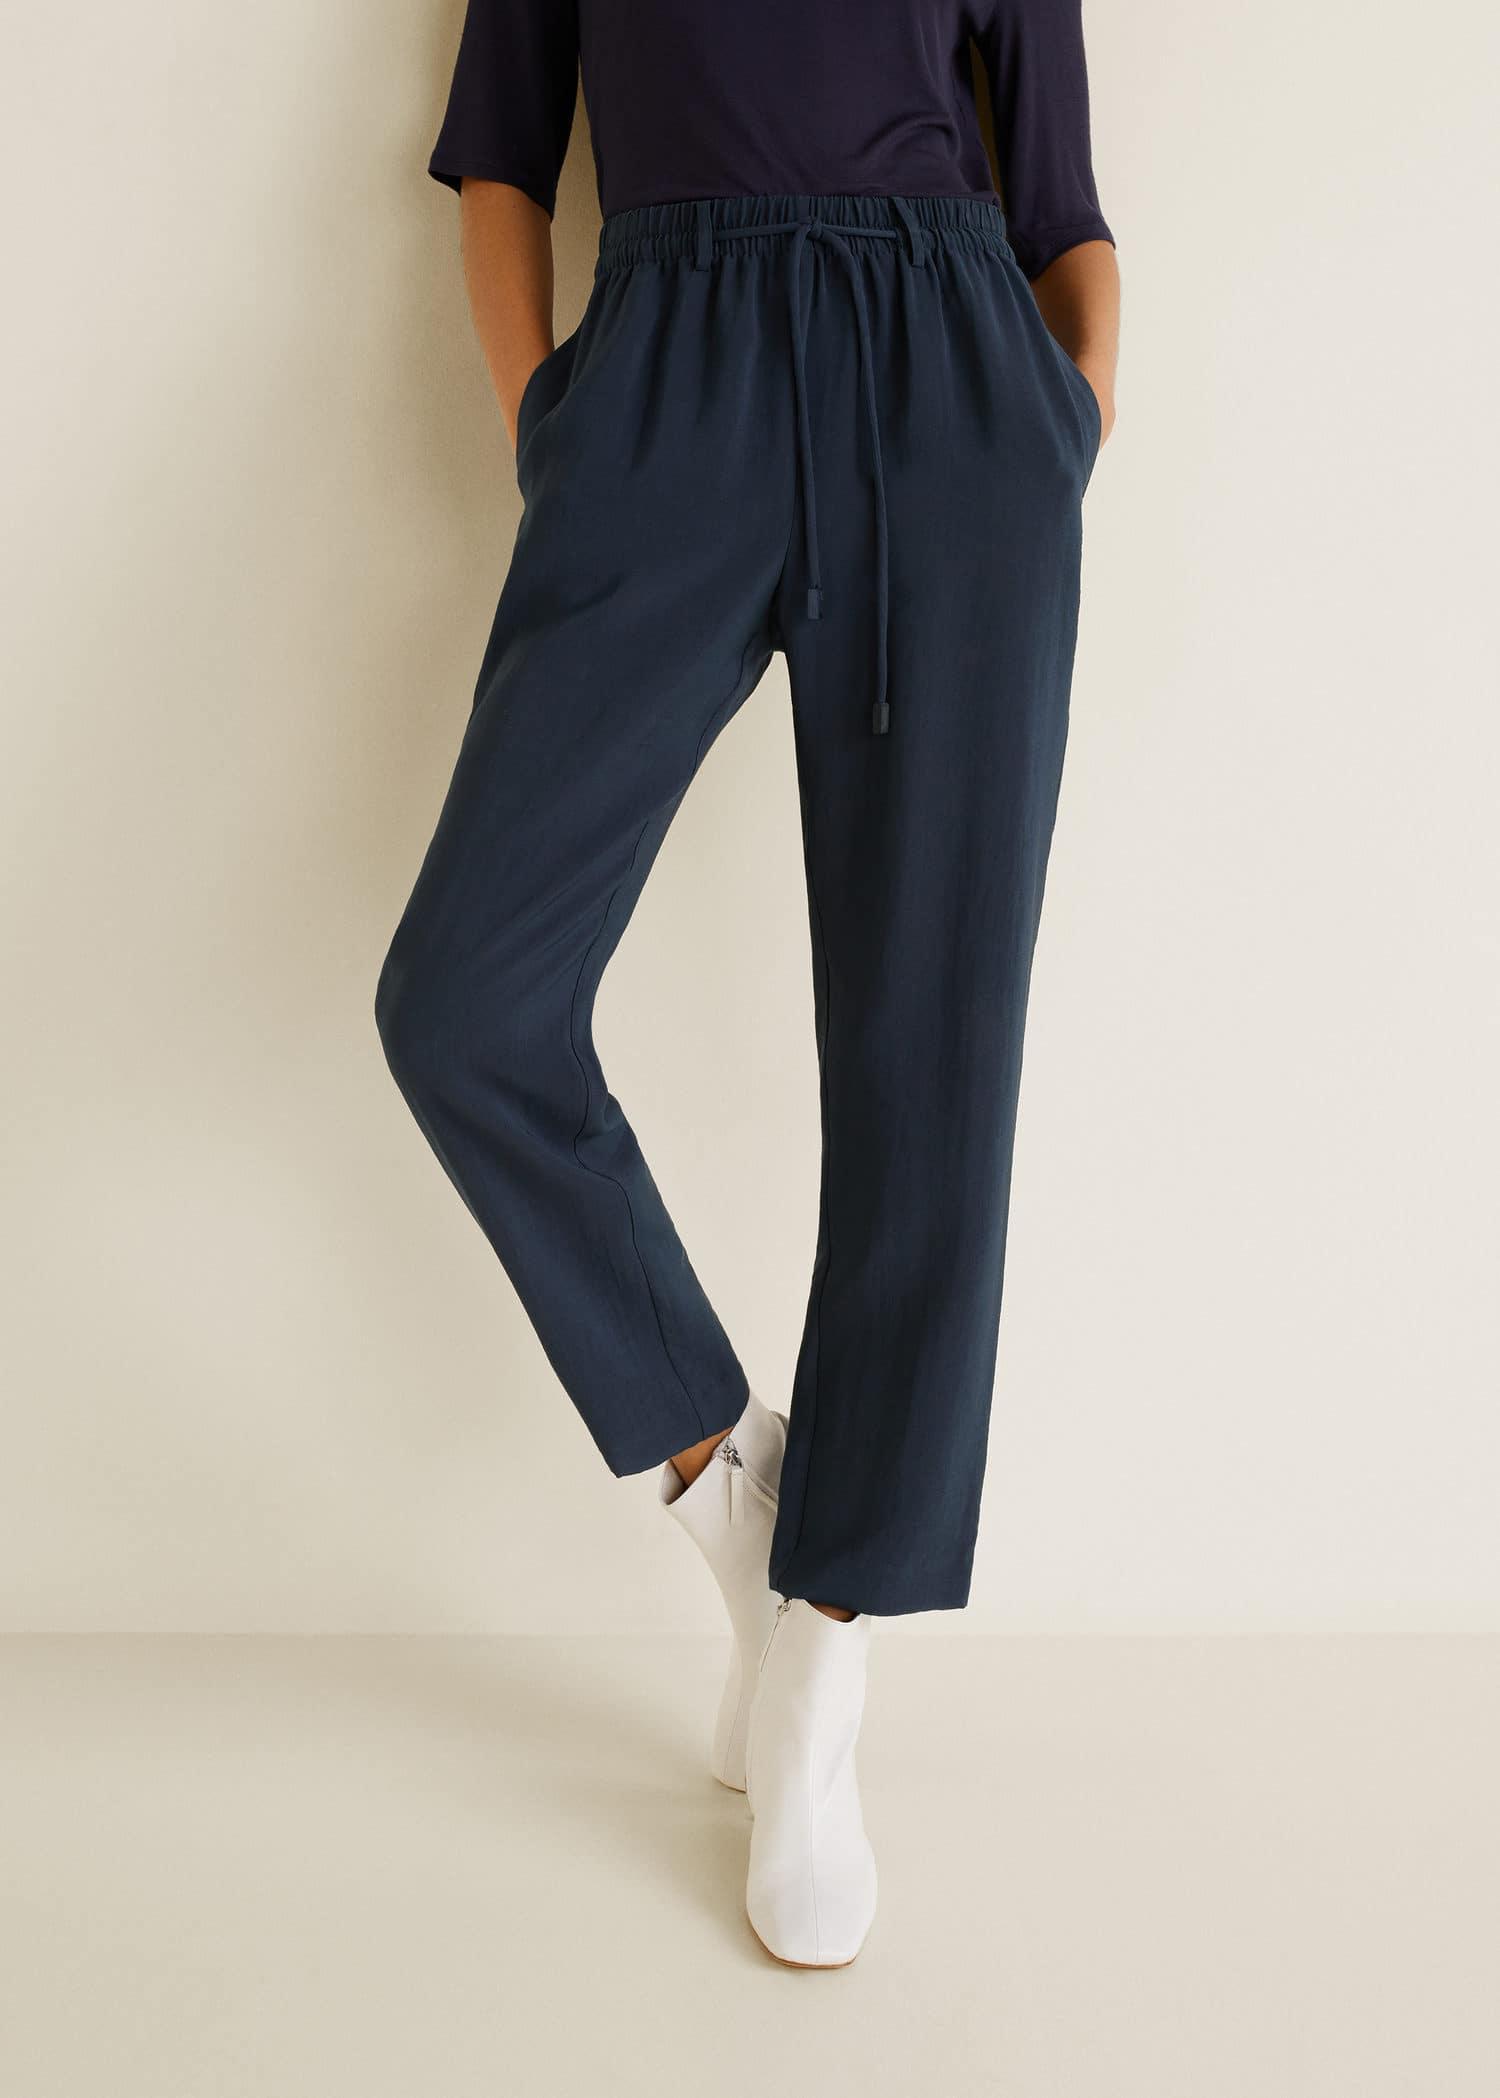 Pantalon taille élastique - Femme   Mango